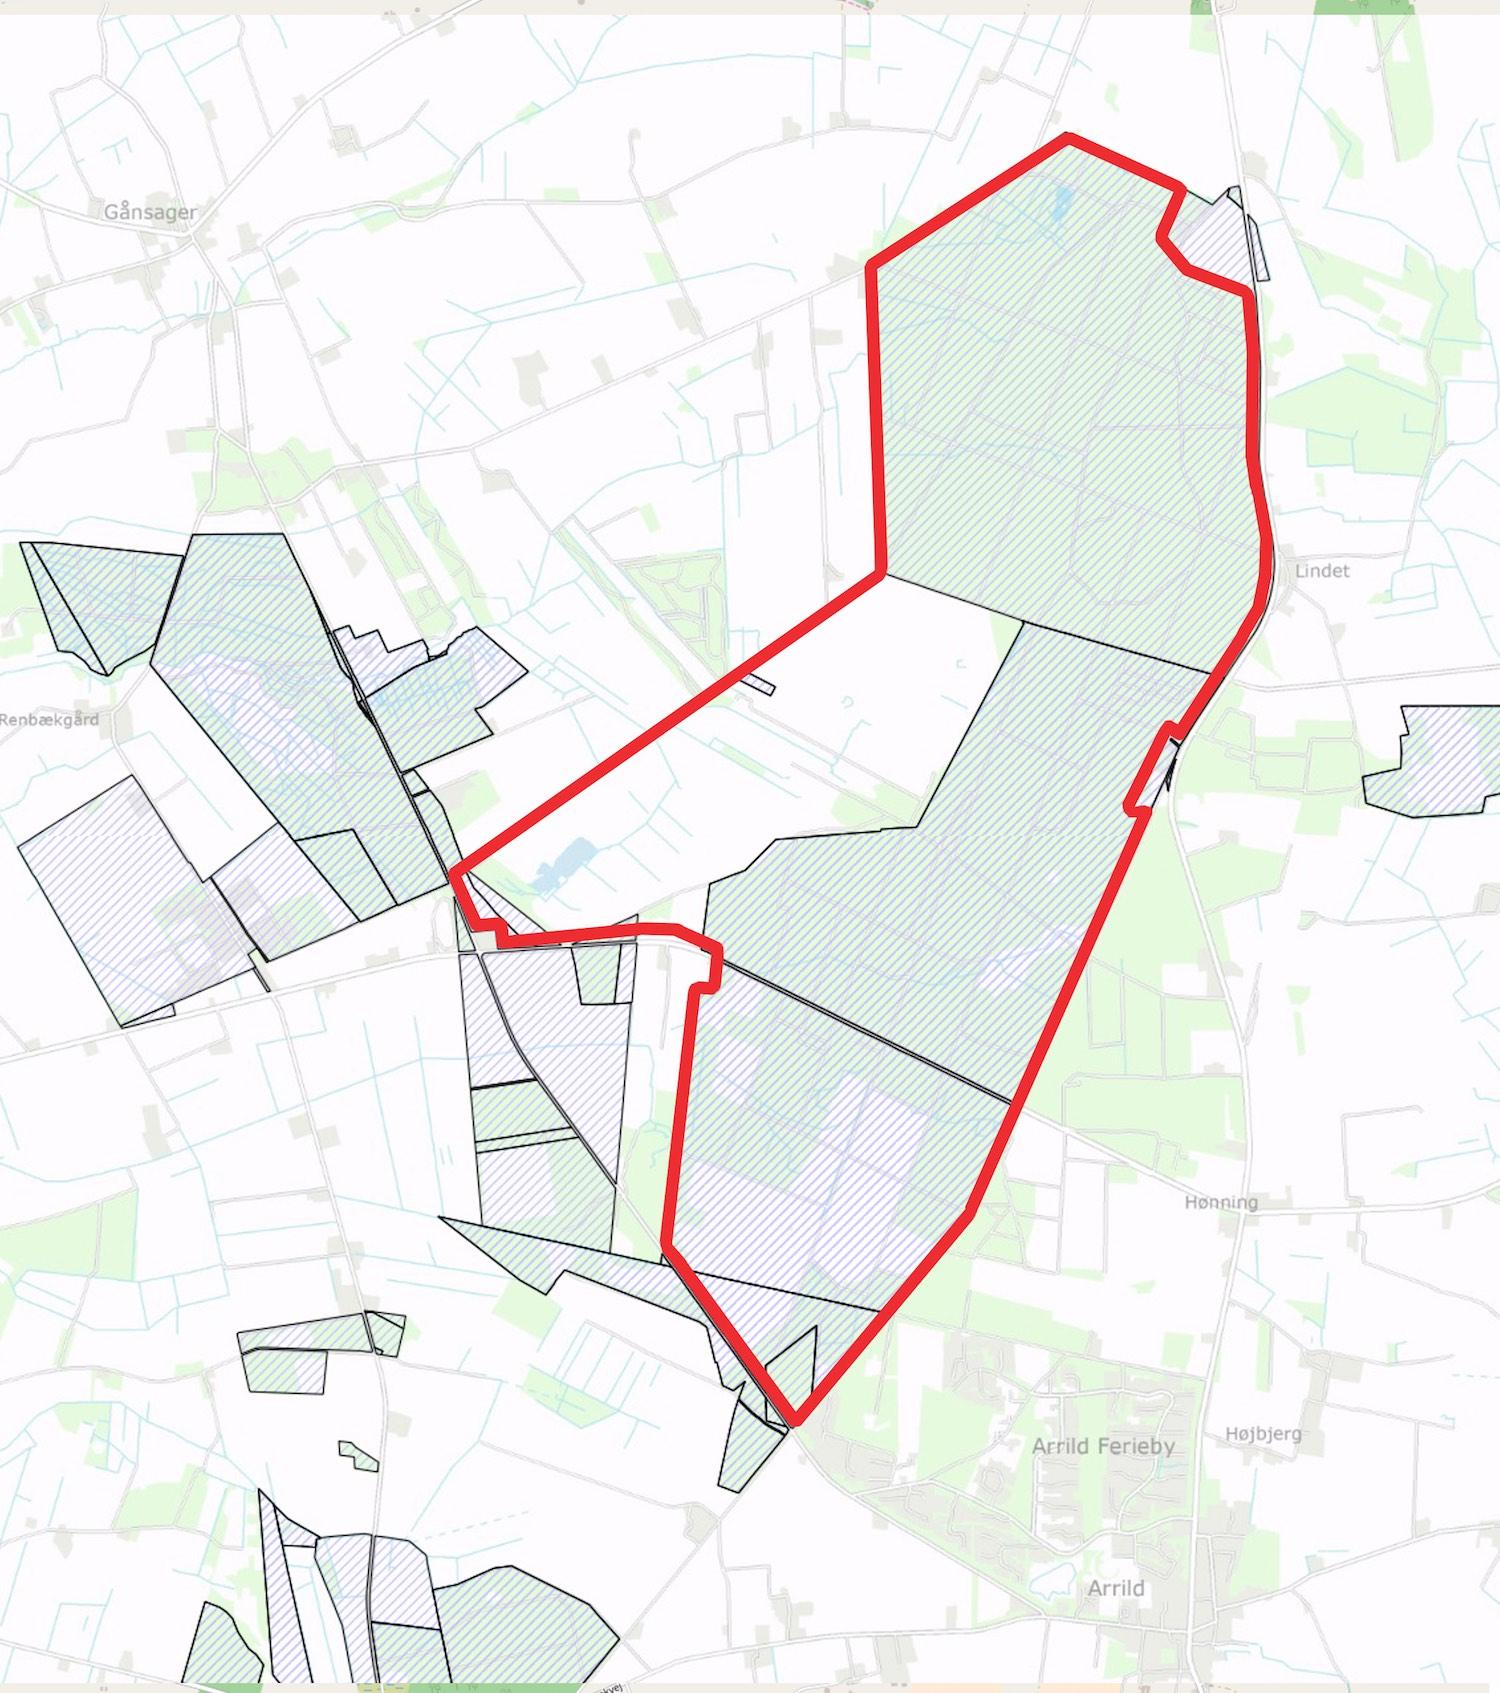 Afgrænsningen af Naturnationalpark Lindet Skov & Hønning Mose består af ca. 82 procent statsejede arealer – Hønning Mose er imidlertid privatejet og bør opkøbes eller inkluderes gennem permanente aftaler på biodiversitetens præmisser.